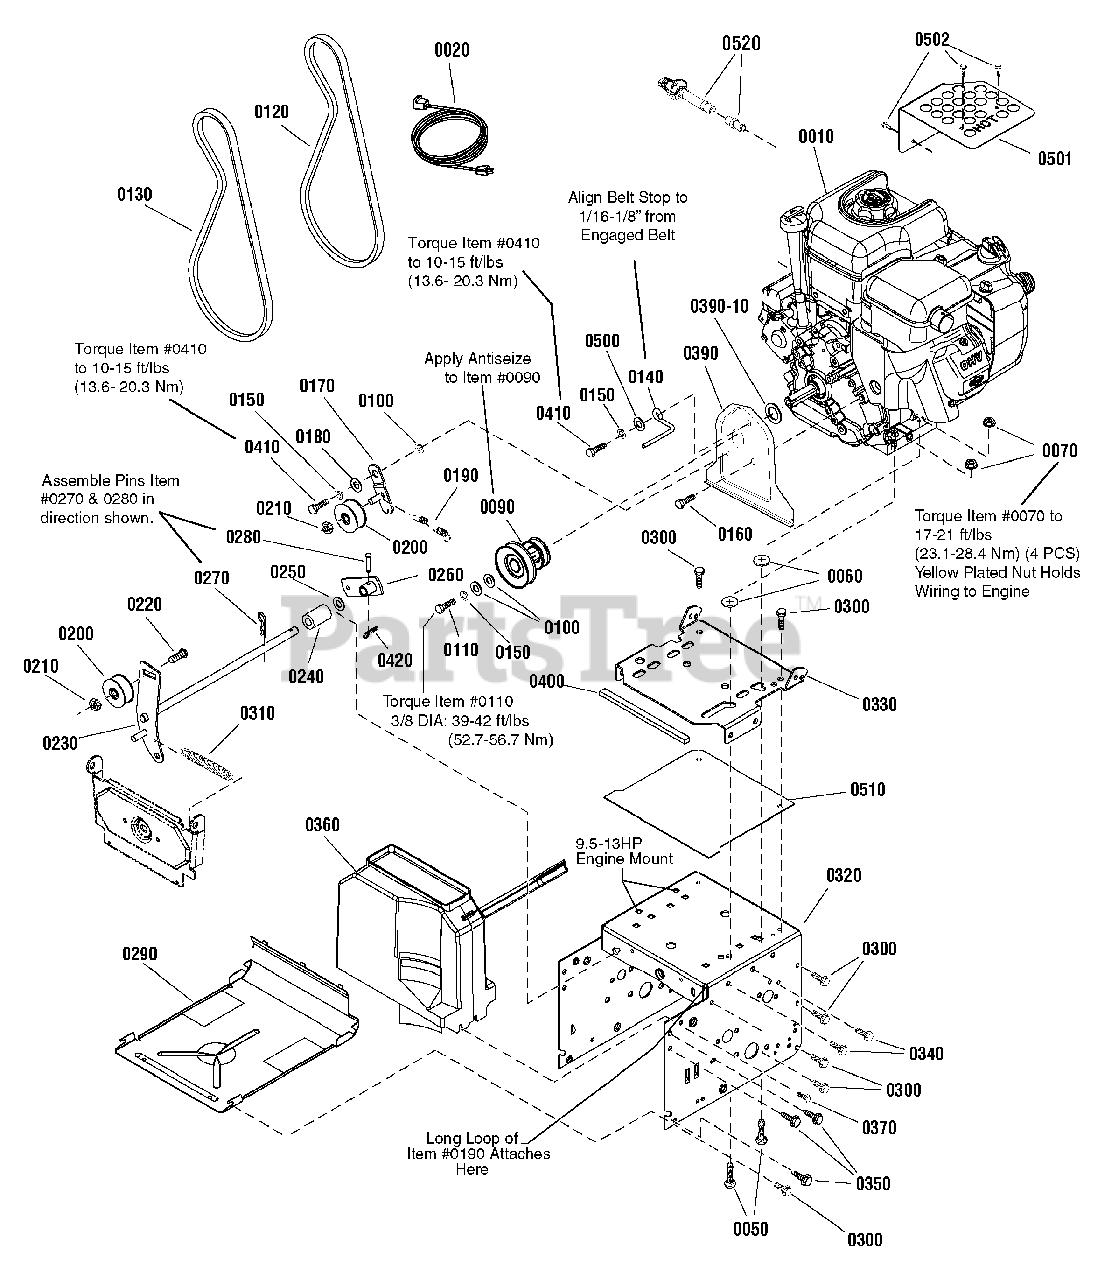 [DIAGRAM] John Deere 310se Engine Diagram FULL Version HD